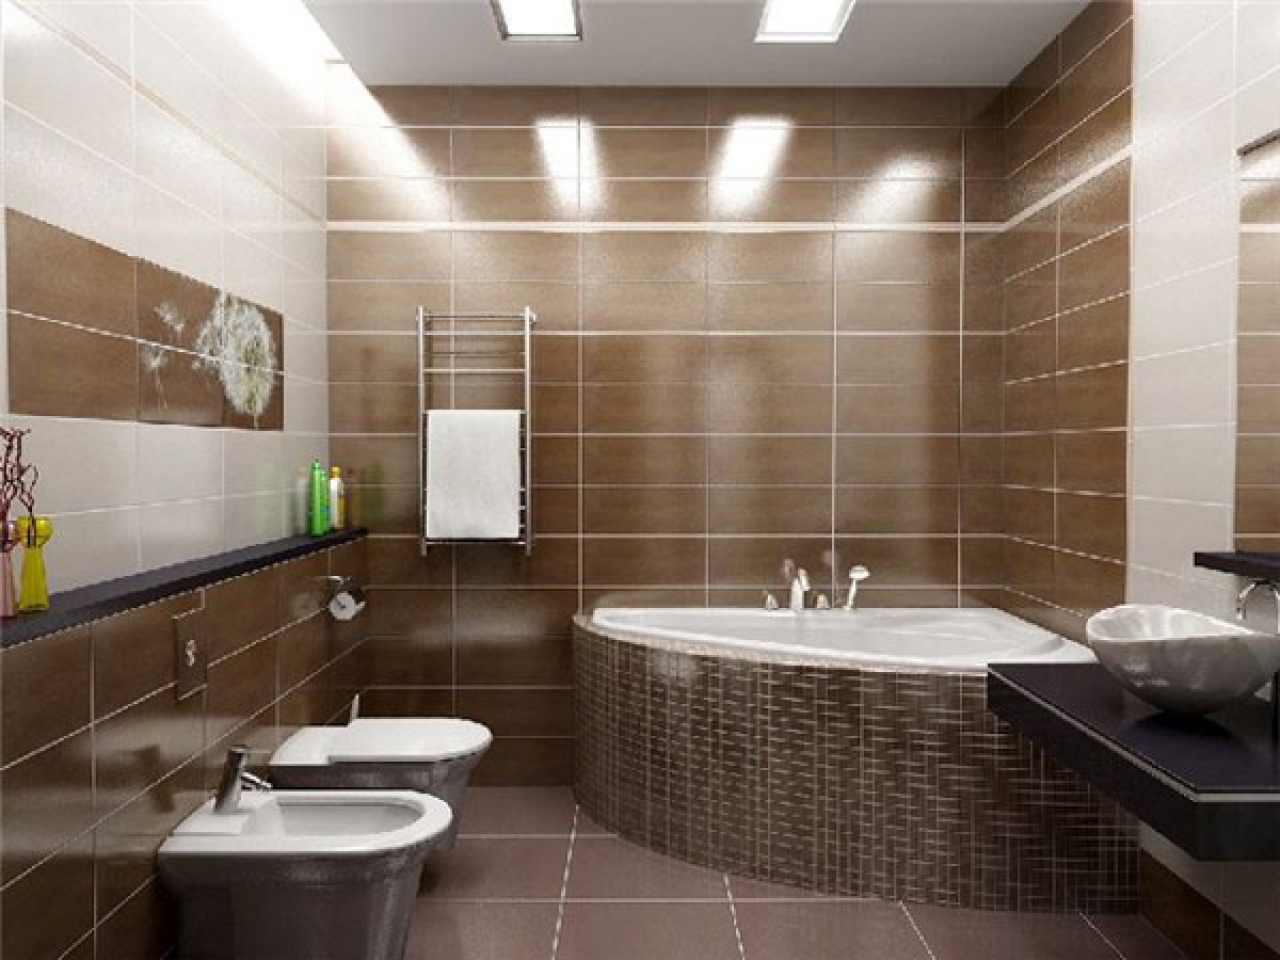 brown-floor-tile-bathroom-tile-bathroom-in-brown-tile